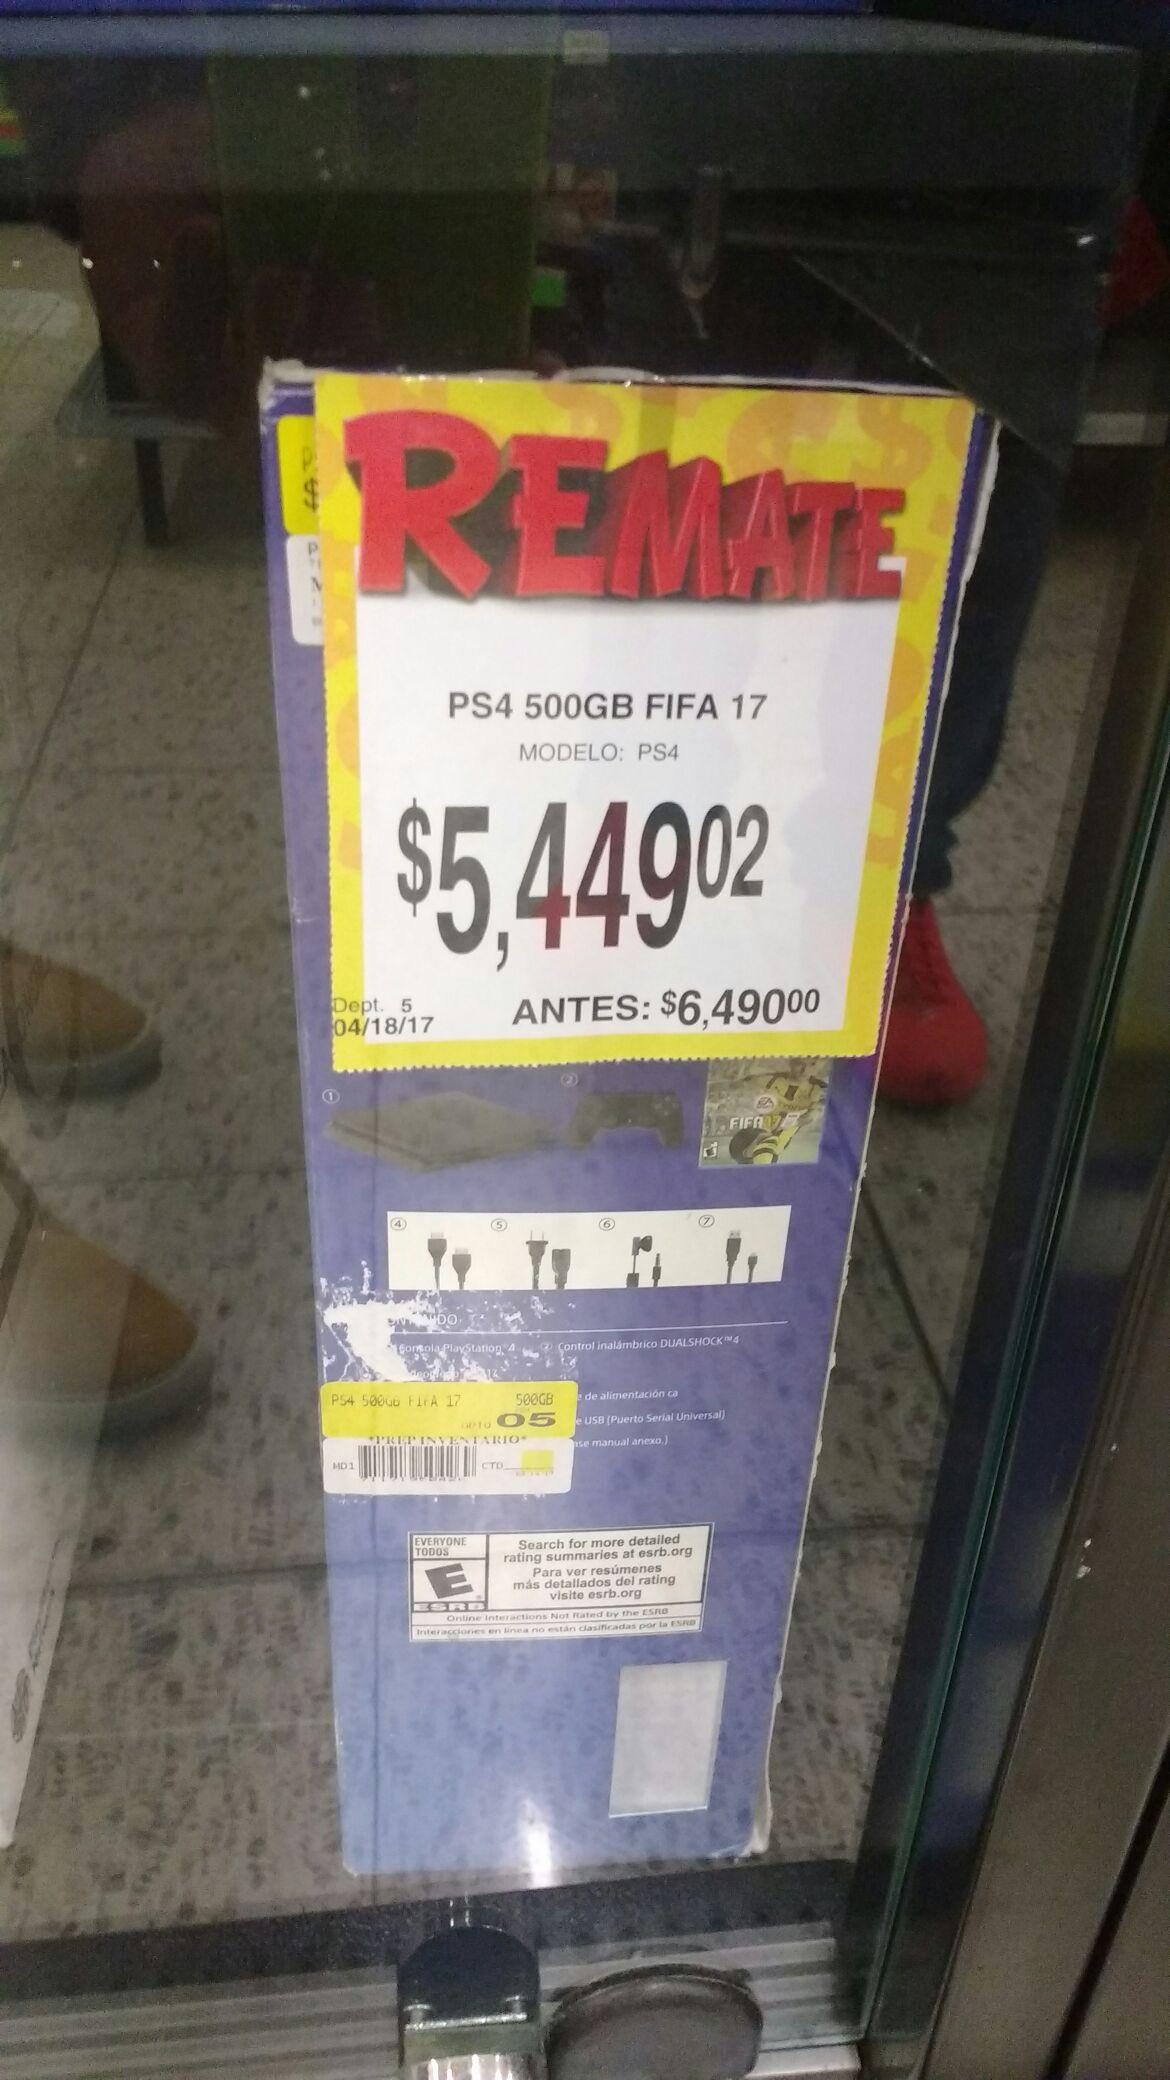 Bodega Aurrerá: consola PS4 Slim 500GB con FIFA 17 a $5,449.02